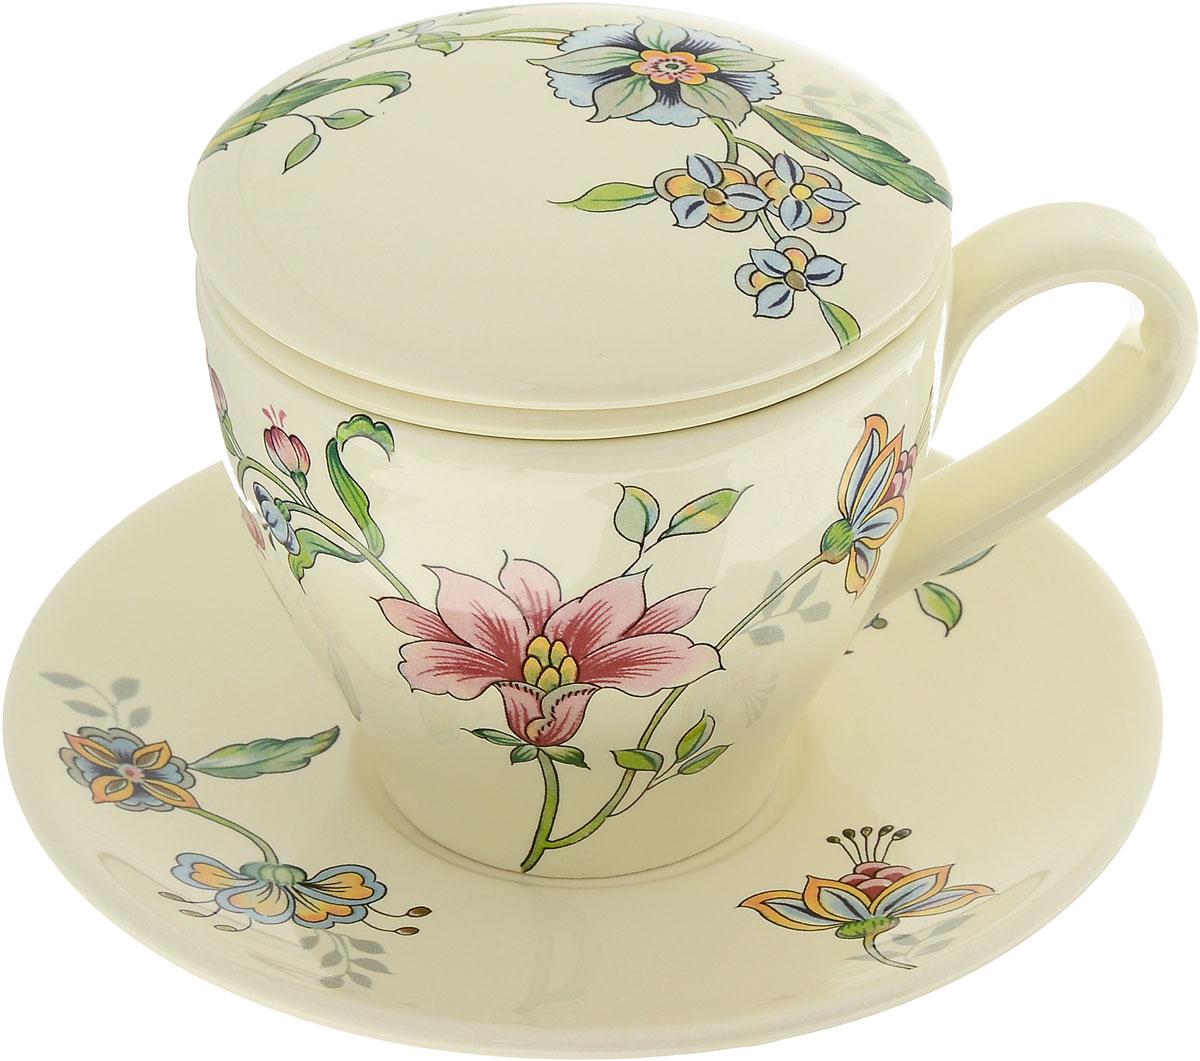 Набор чайный Nuova Cer Прованс, 4 предмета115510Чайный набор Nuova Cer Прованс состоит из чашки, заварочного фильтра, крышки и блюдца, изготовленных из высококачественной керамики. Изделия оформлены цветочным узором. Красочность оформления придется по вкусу и ценителям классики, и тем, кто предпочитает утонченность и изысканность. Такой набор прекрасно дополнит сервировку стола к чаепитию и подчеркнет ваш безупречный вкус.Чайный набор Nuova Cer Прованс - это прекрасный подарок к любому случаю. Изделия нельзя мыть в посудомоечной машине.Объем чашки: 400 мл.Диаметр чашки (по верхнему краю): 10 см.Высота чашки: 9 см.Диаметр фильтра: 8,5 см.Высота фильтра: 6 см.Диаметр крышки: 10,5 см.Диаметр блюдца: 17 см.Высота блюдца: 2 см.